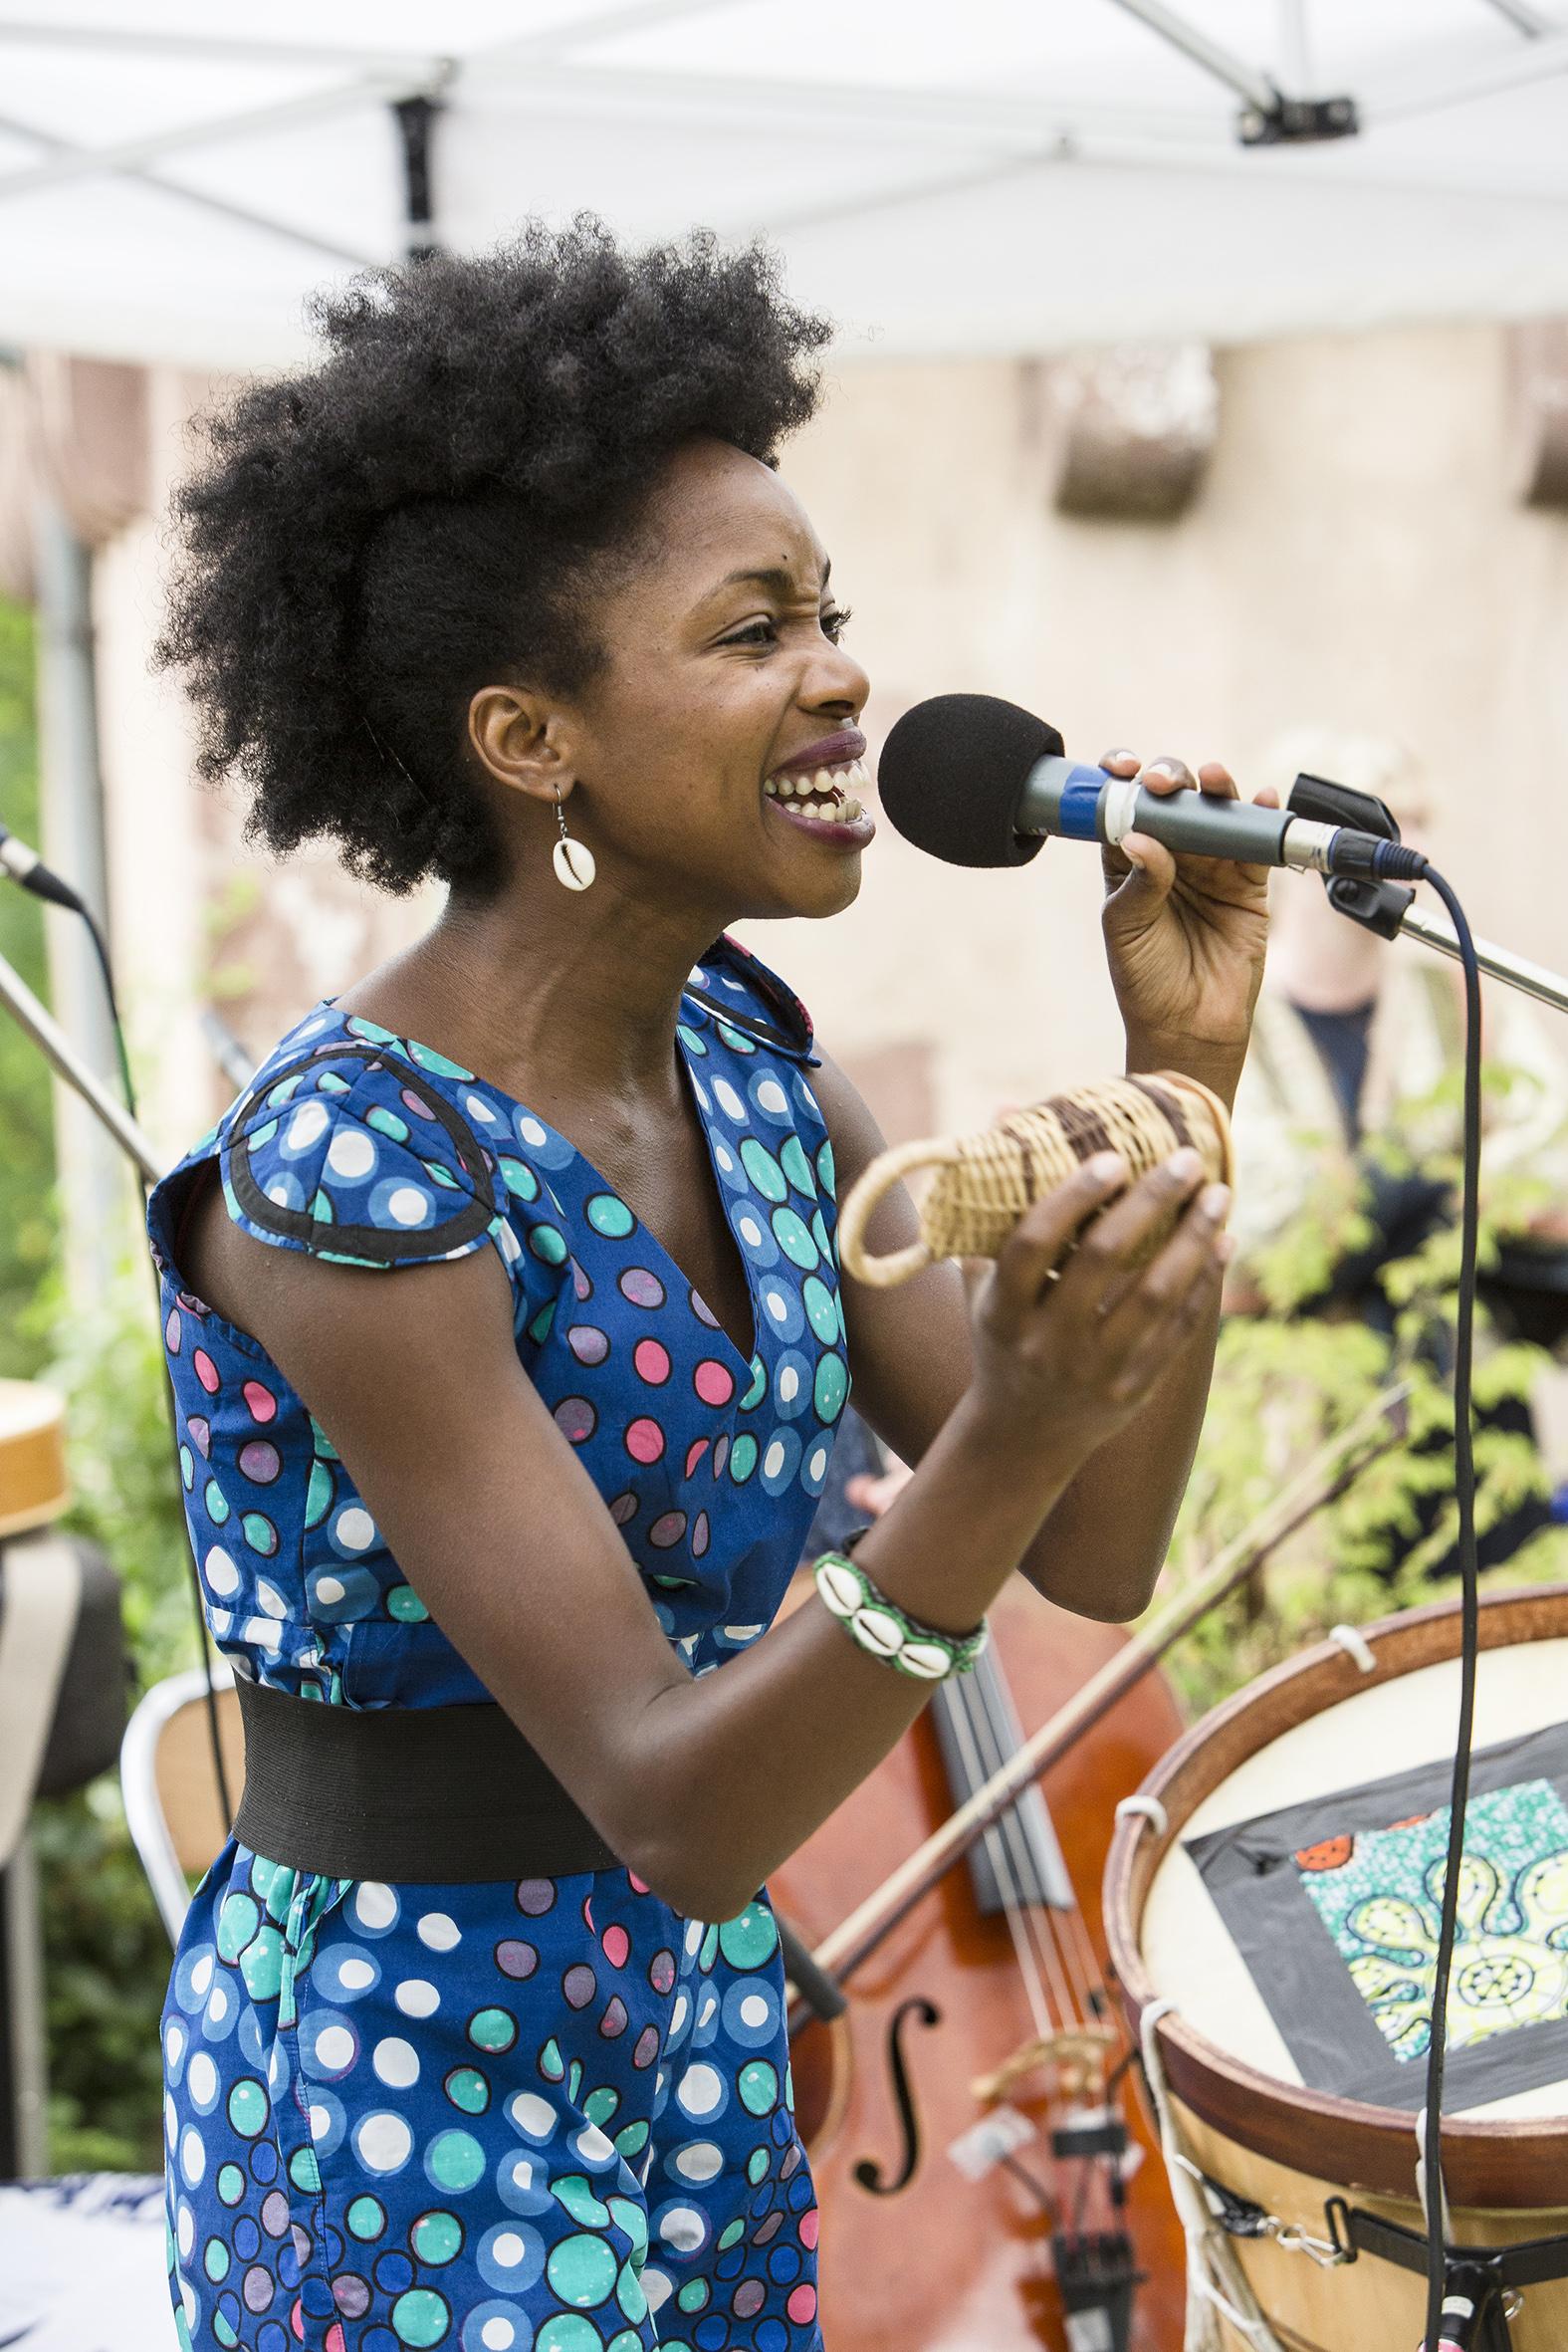 portraits-lucia-carvalho-festival-au-gr+¿s-du-jazz-la-petite-pierre-2015-marie-colette-becker-02